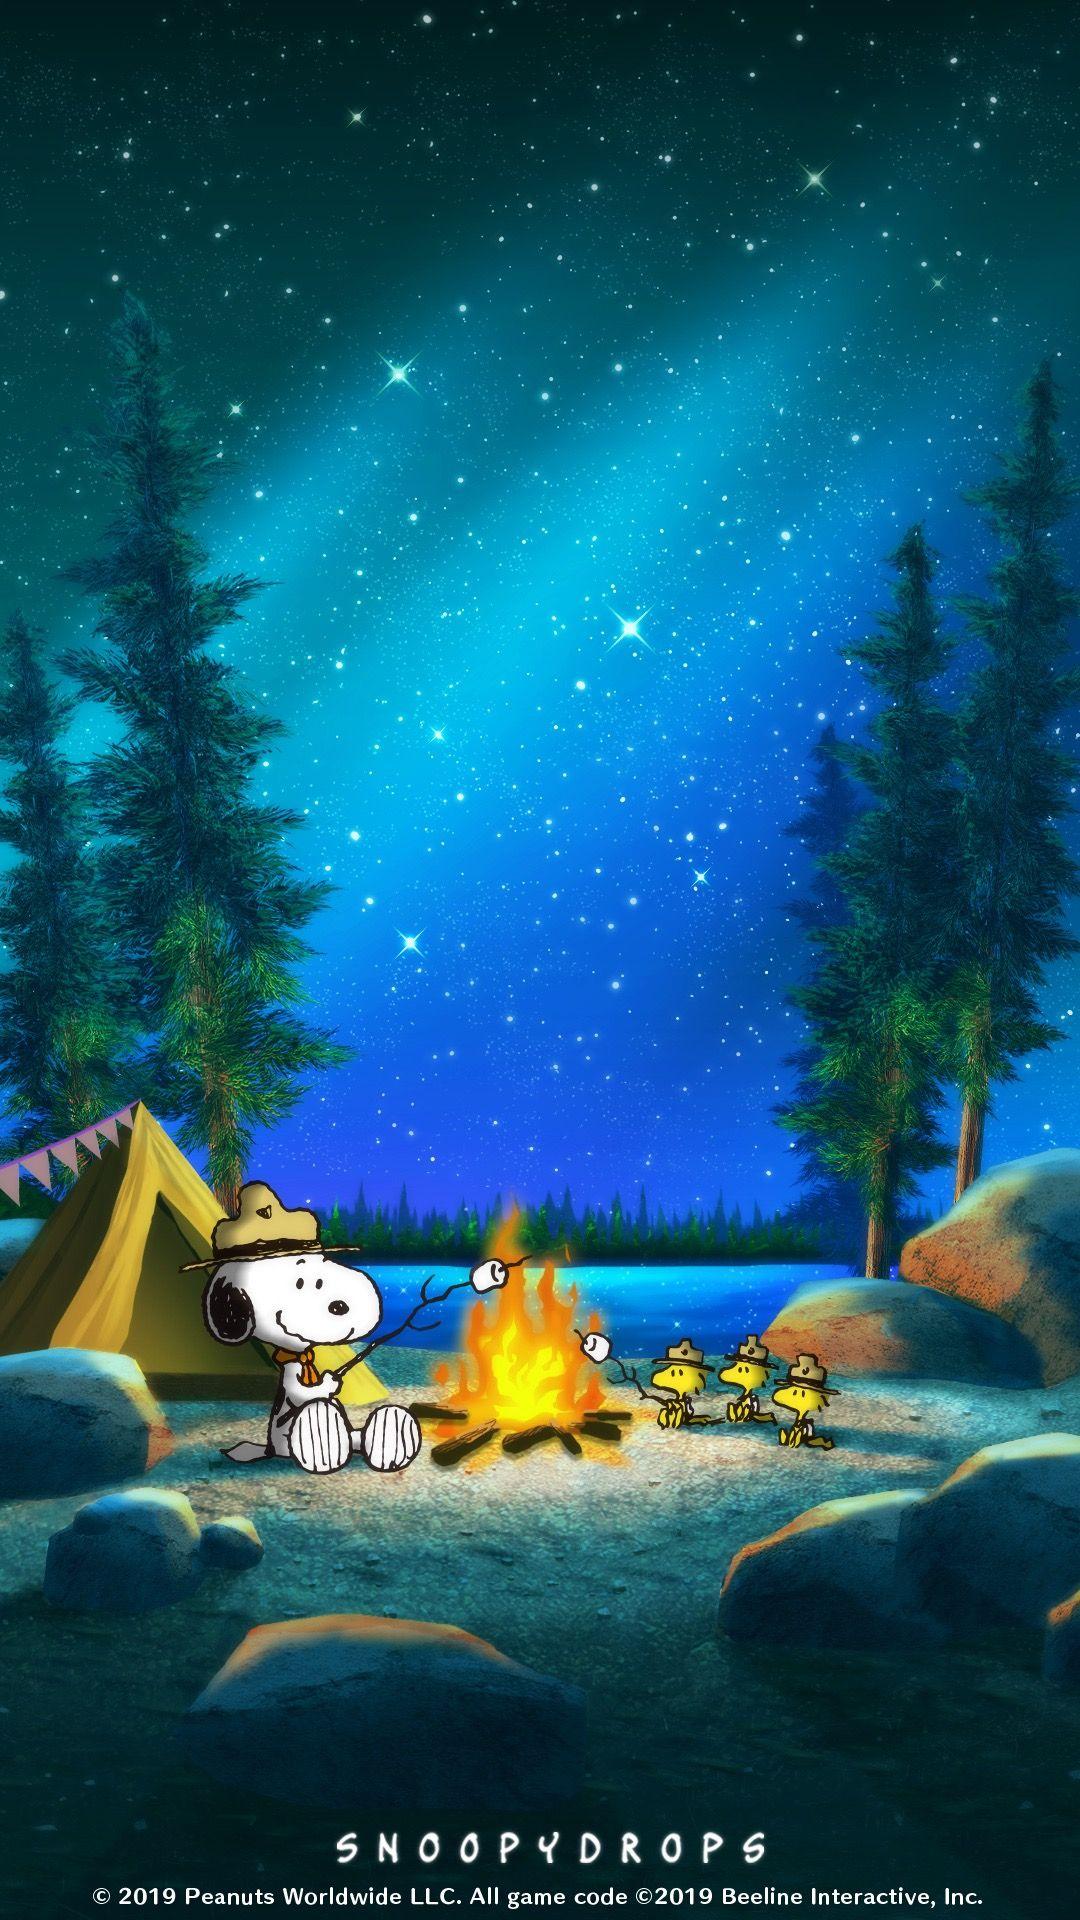 Snoopy 夜のキャンプ スヌーピーの壁紙 Xperia 壁紙 秋 壁紙